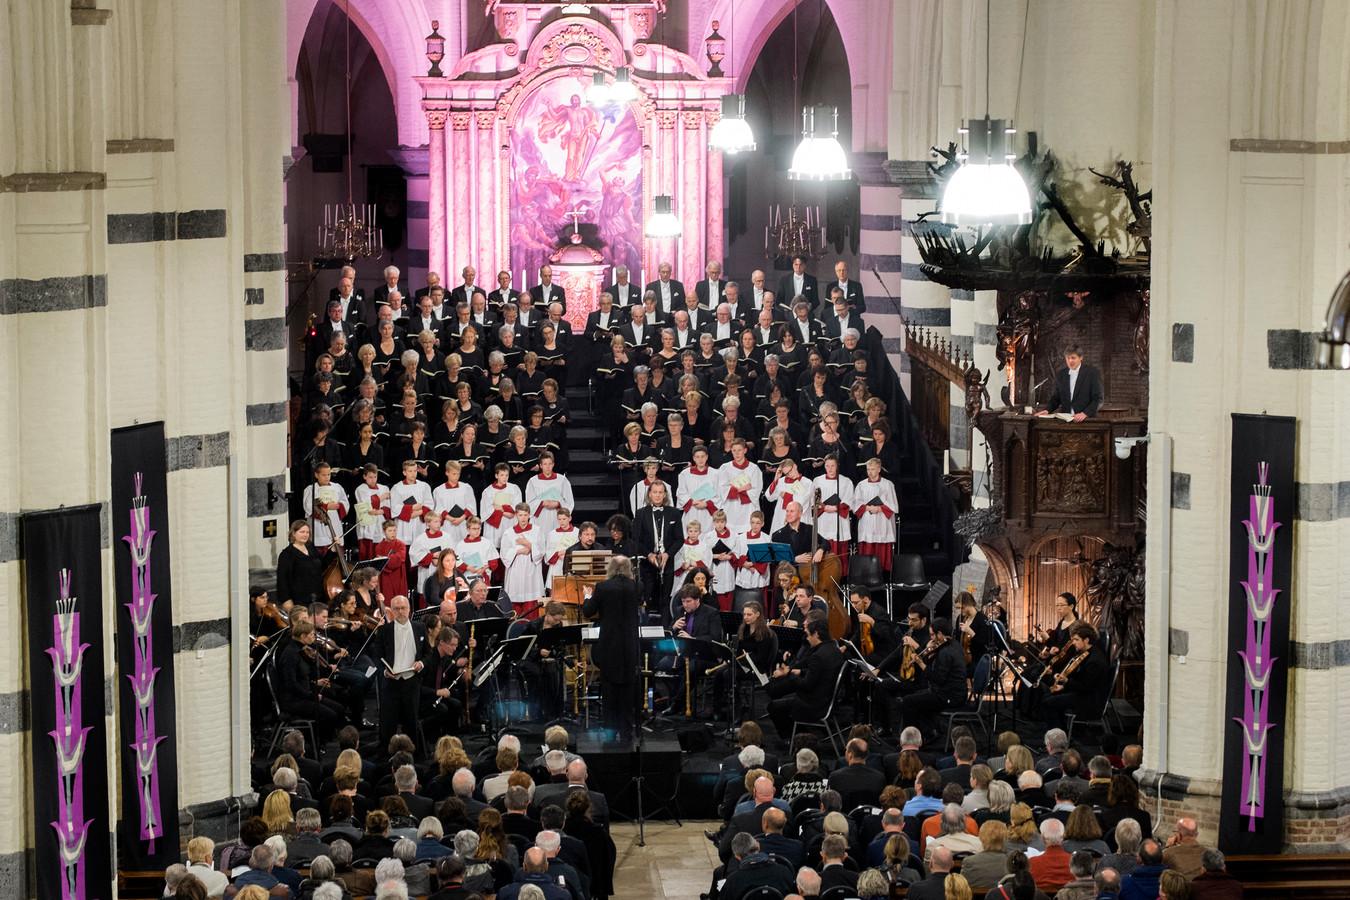 Een herinnering uit het verleden; een uitvoering van de Matthäus Passion in de Oirschotse Sint Petrusbasiliek.